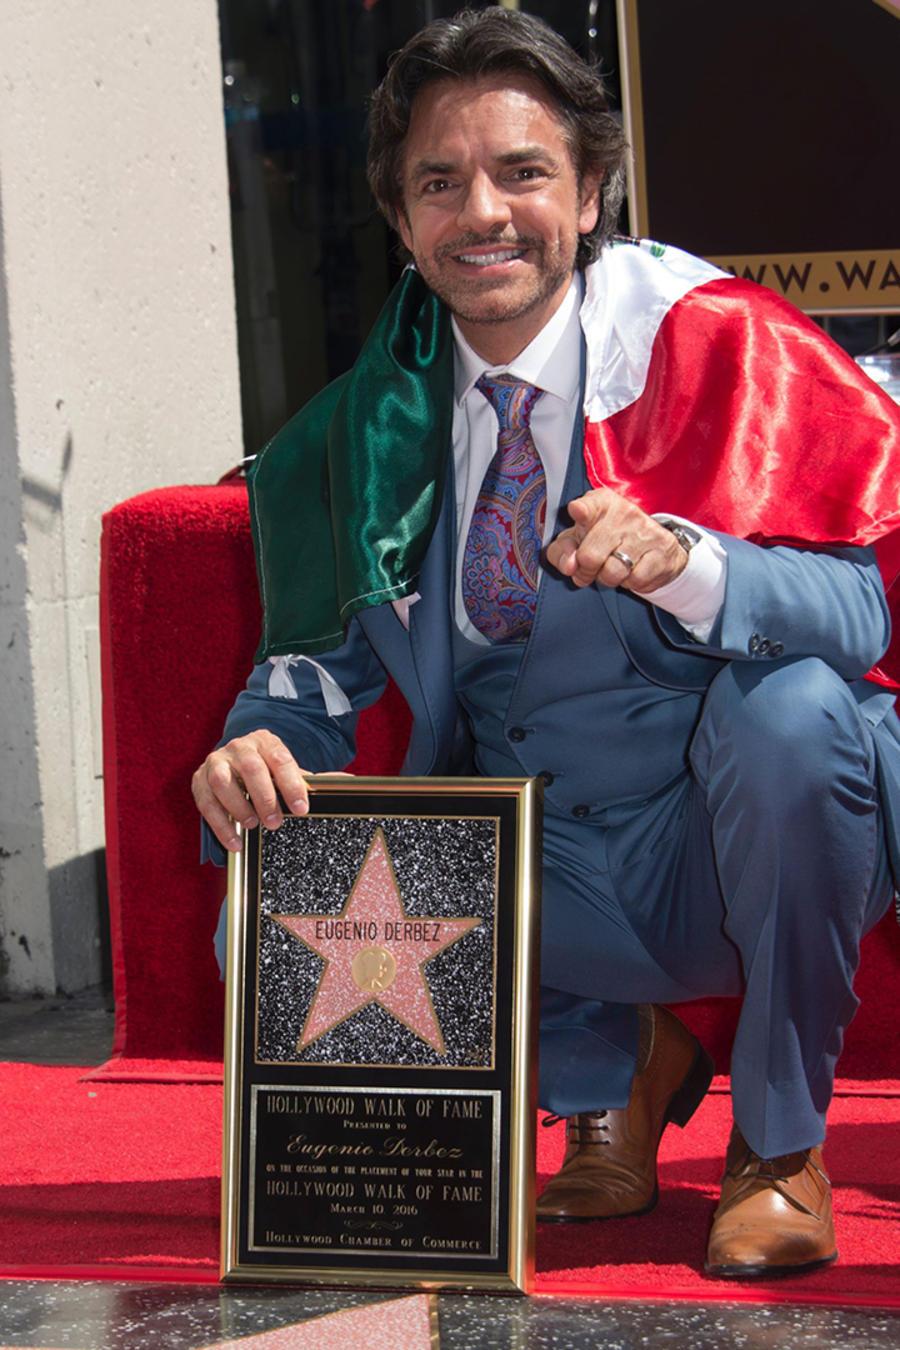 Eugenio Derbez devela su estrella en Hollywood